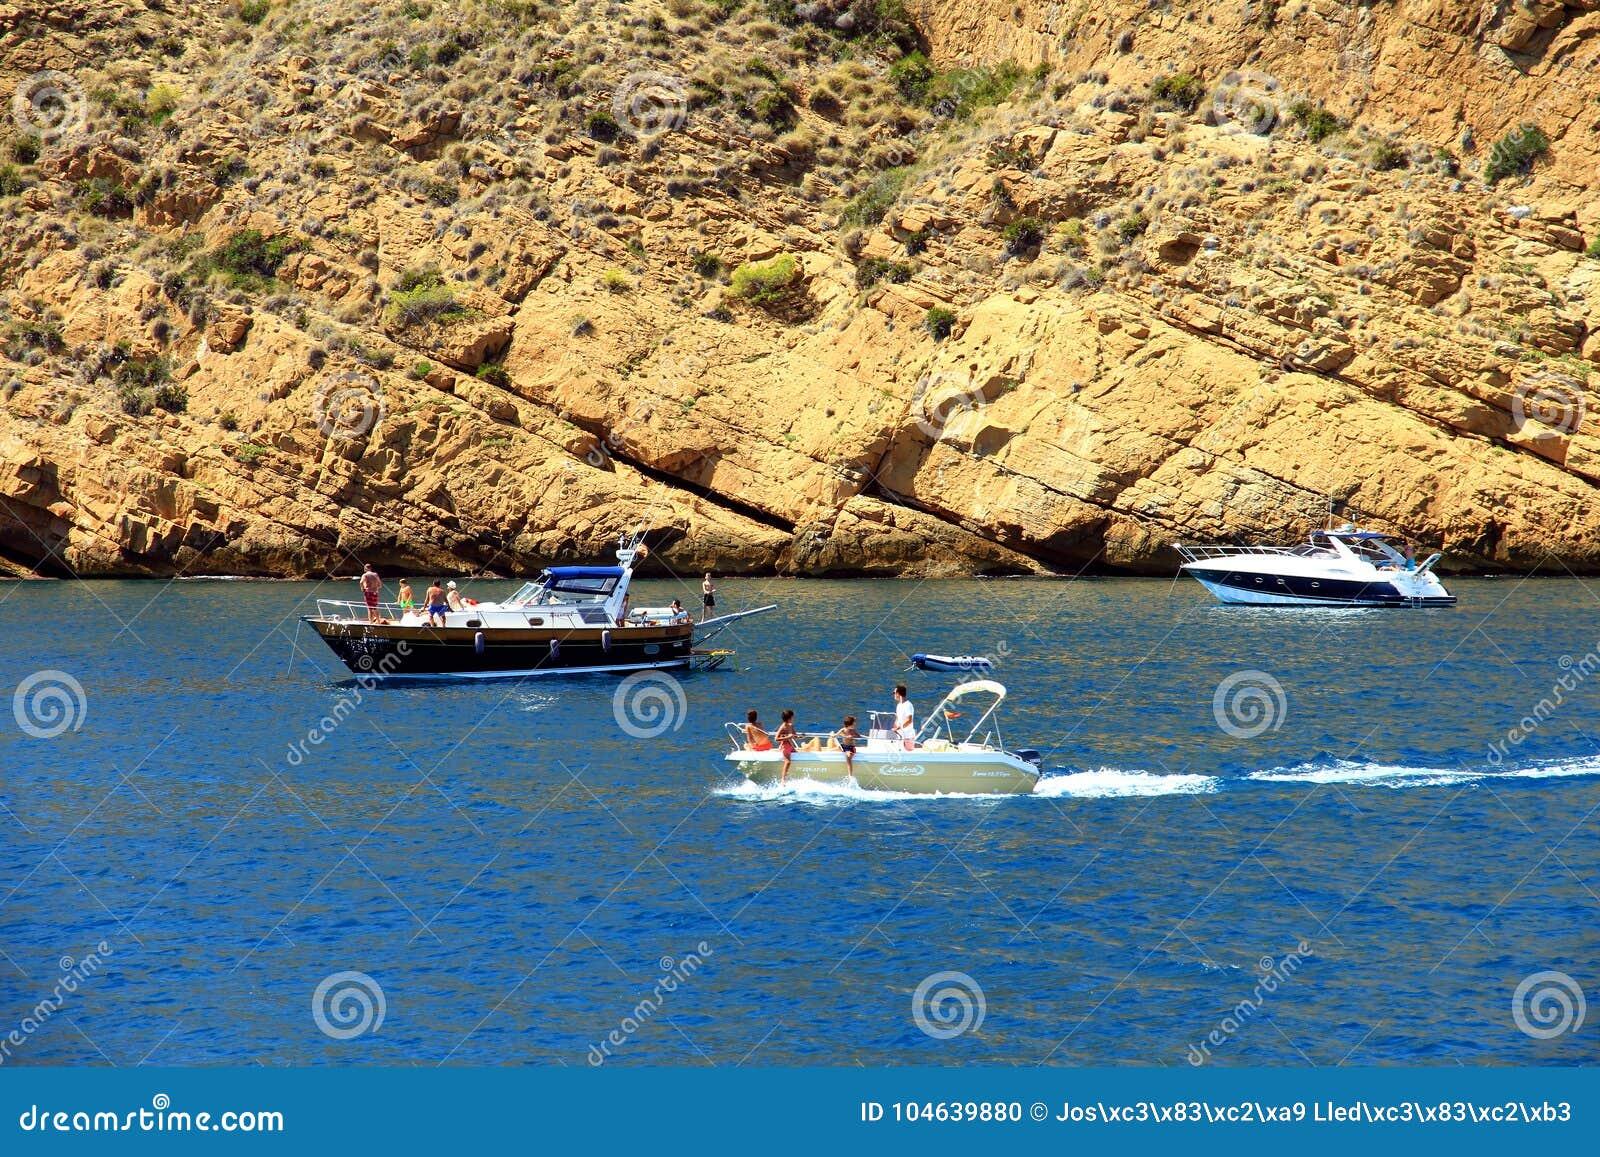 Download Toeristische Kust Van Moraira Met Al Type Van Jachten En Zeilboten Redactionele Afbeelding - Afbeelding bestaande uit sluit, marina: 104639880